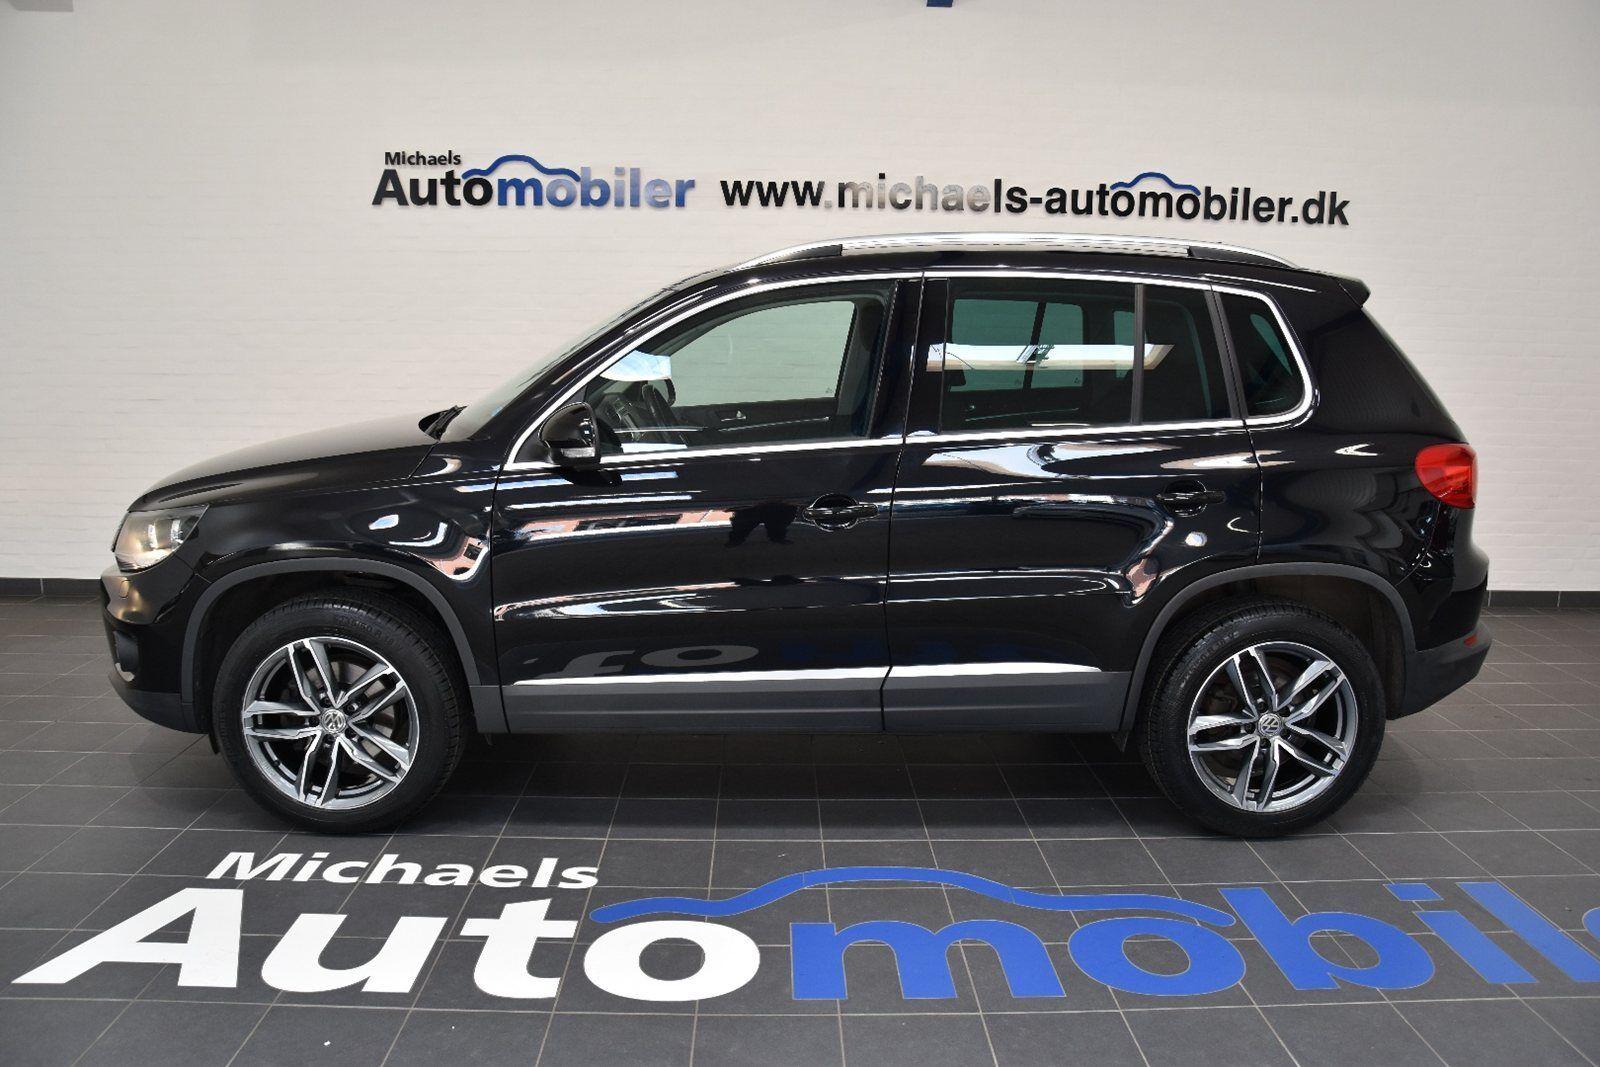 VW Tiguan 2,0 TDi 140 Sport & Style DSG 4M 5d - 273.500 kr.